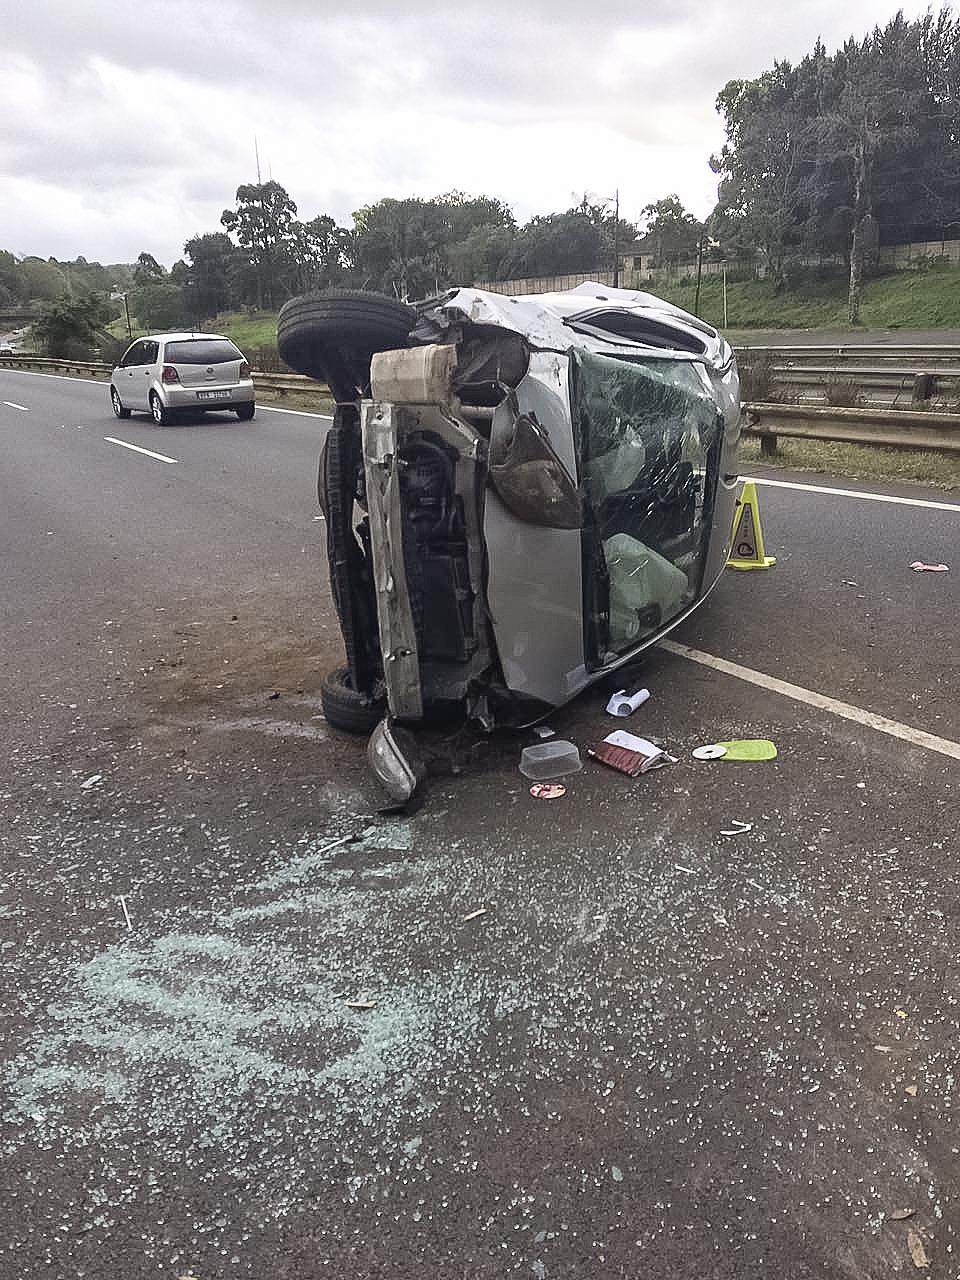 KZN M13 roll-over crash kills driver